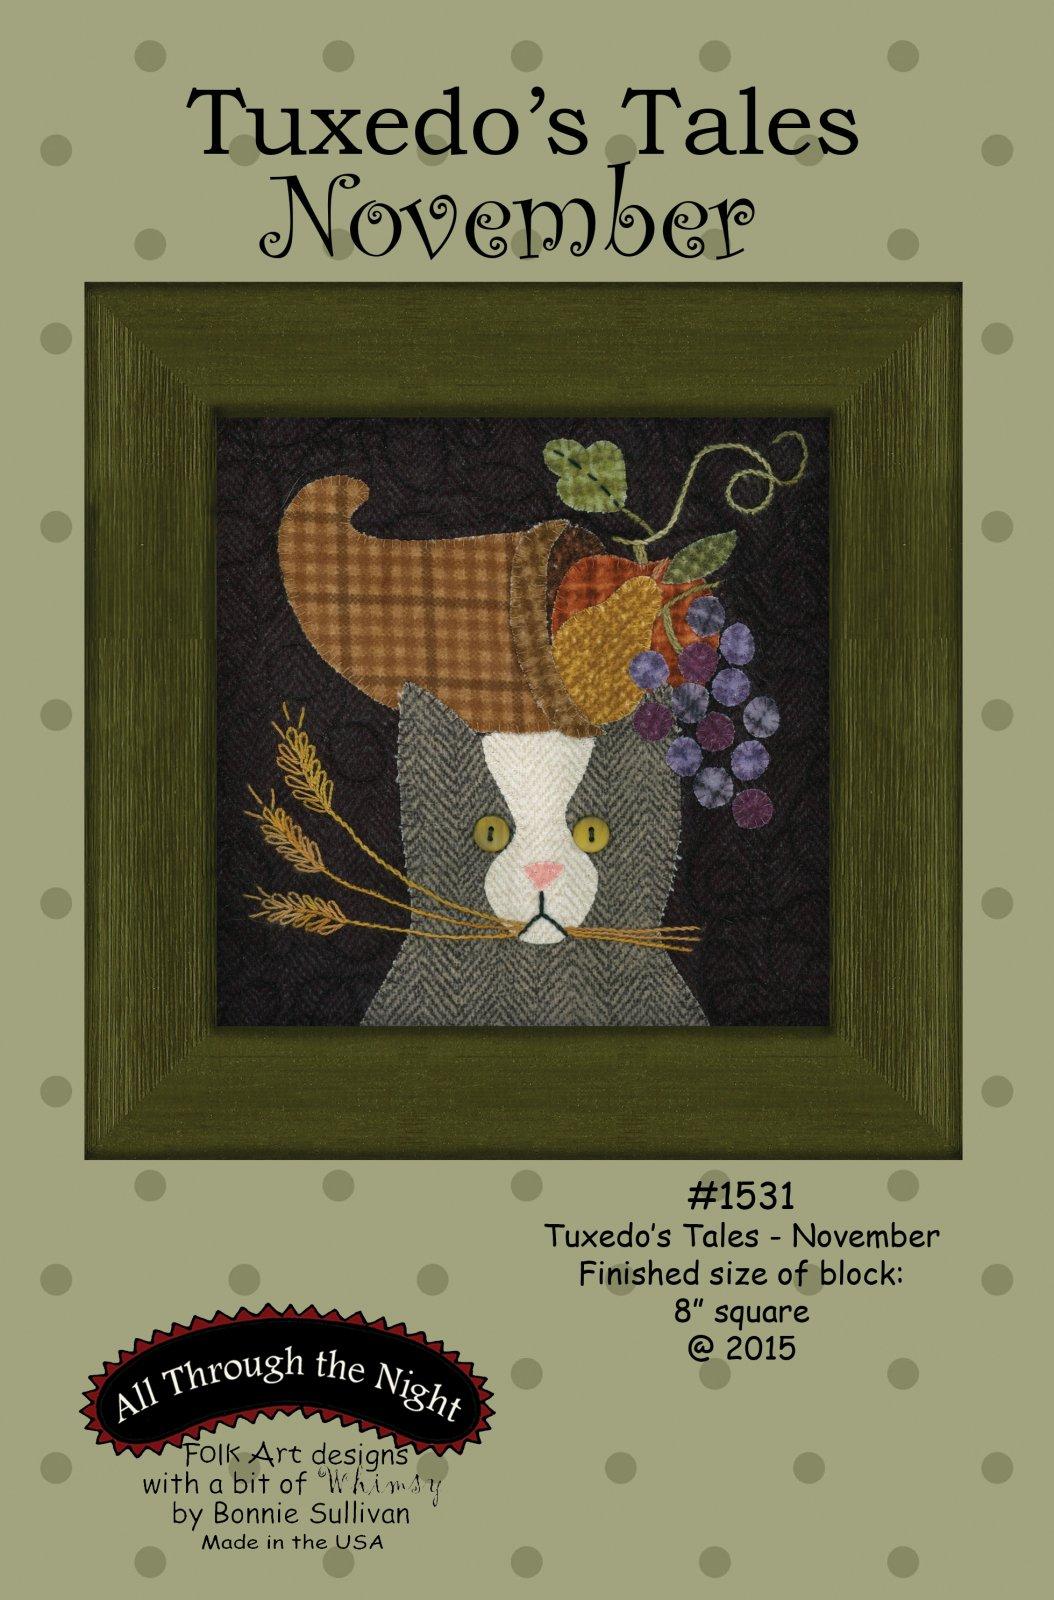 1531 Tuxedo's Tales November